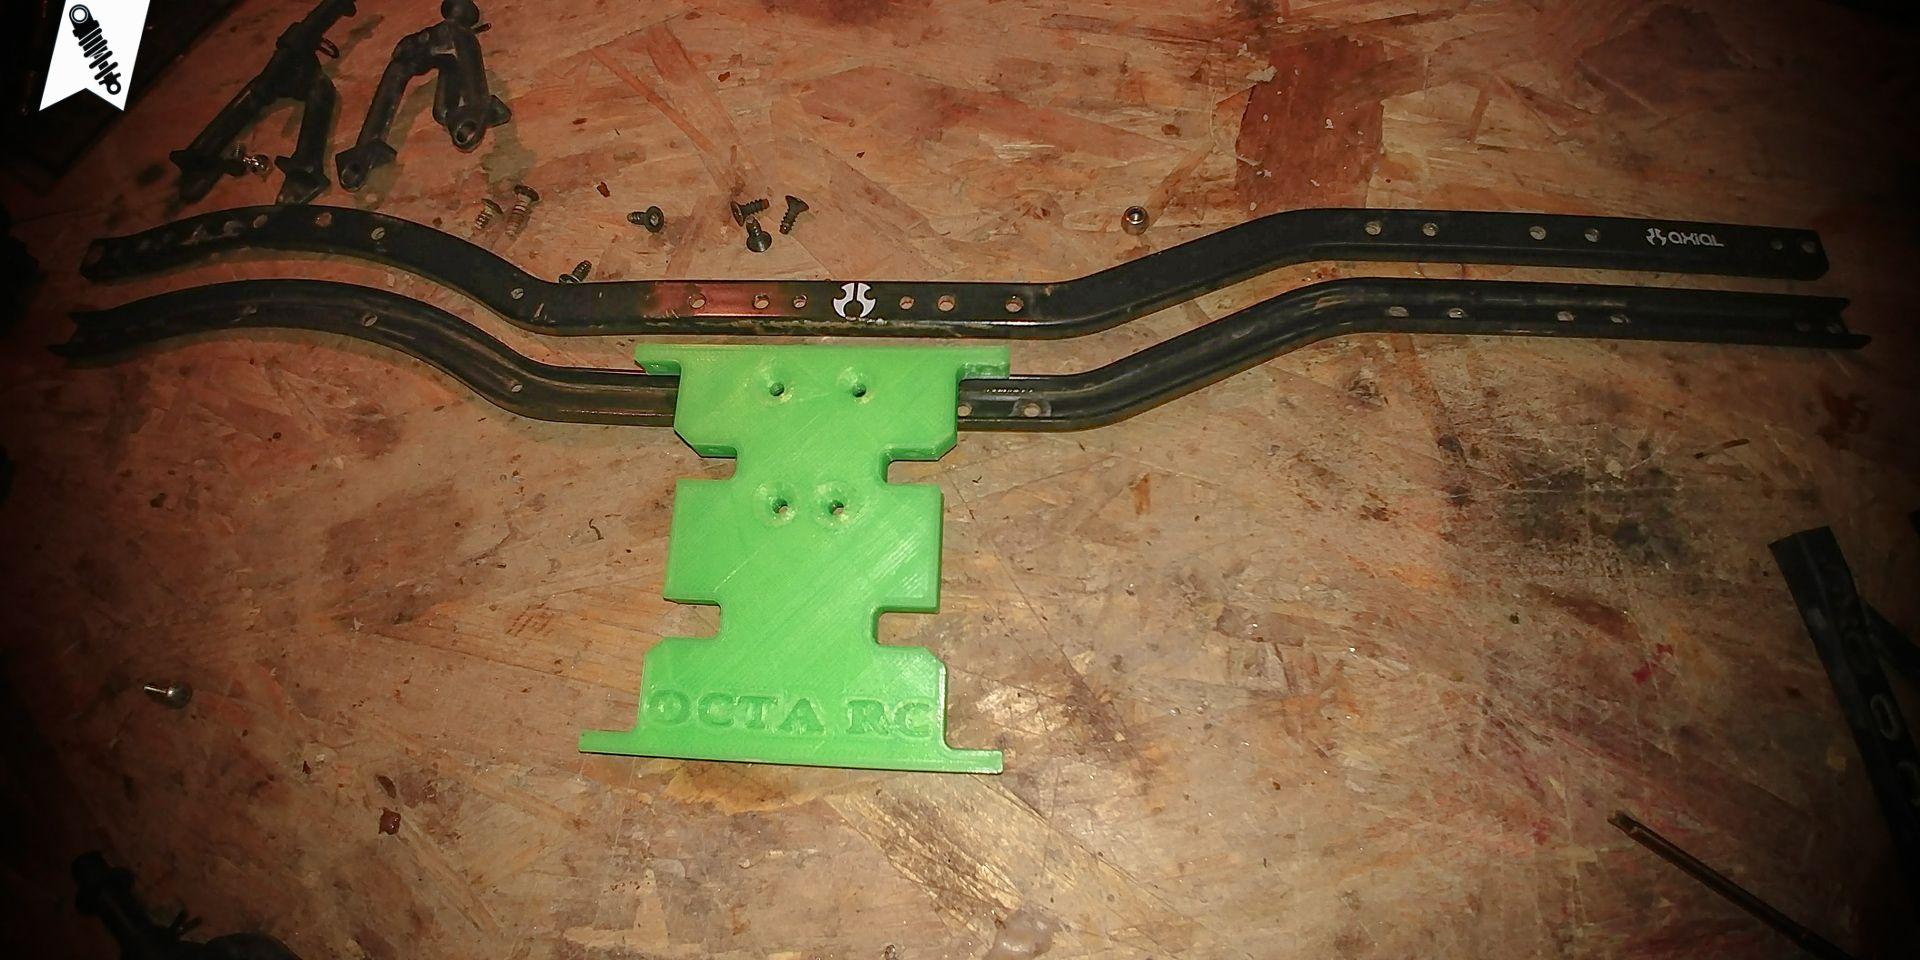 """Im """"Neuen"""" soll die neongrüne Skidplate von OctaRC ihren Dienst versehen. Der Rahmen vom SCX10 bleibt im Betrieb."""